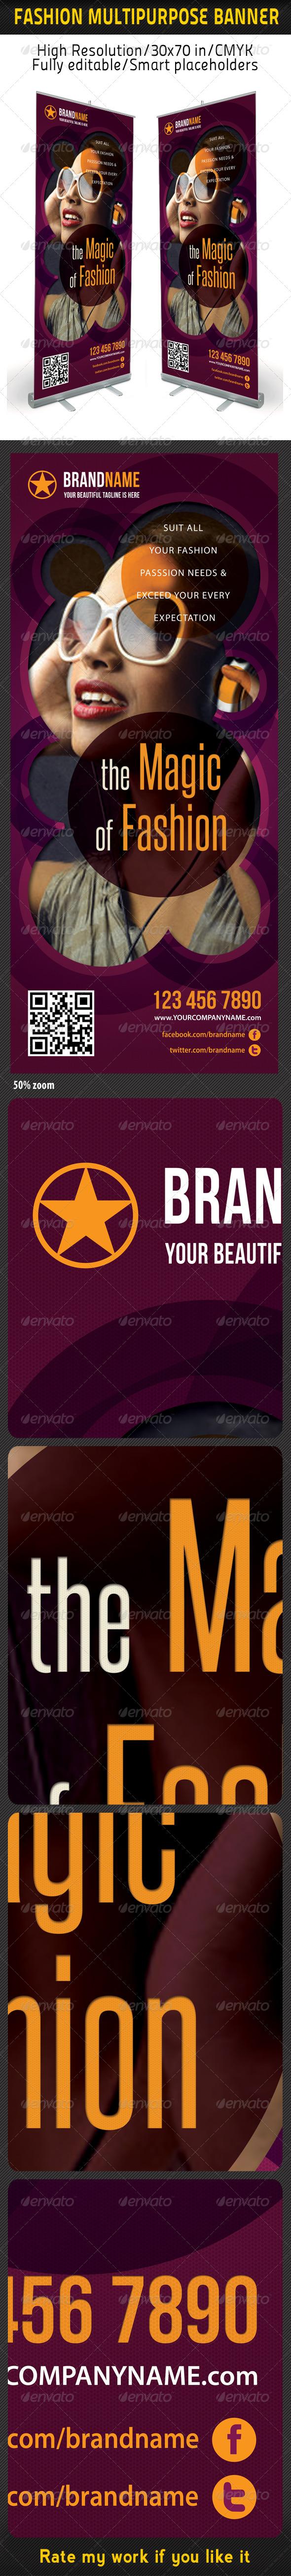 GraphicRiver Fashion Multipurpose Banner Template 14 6066061